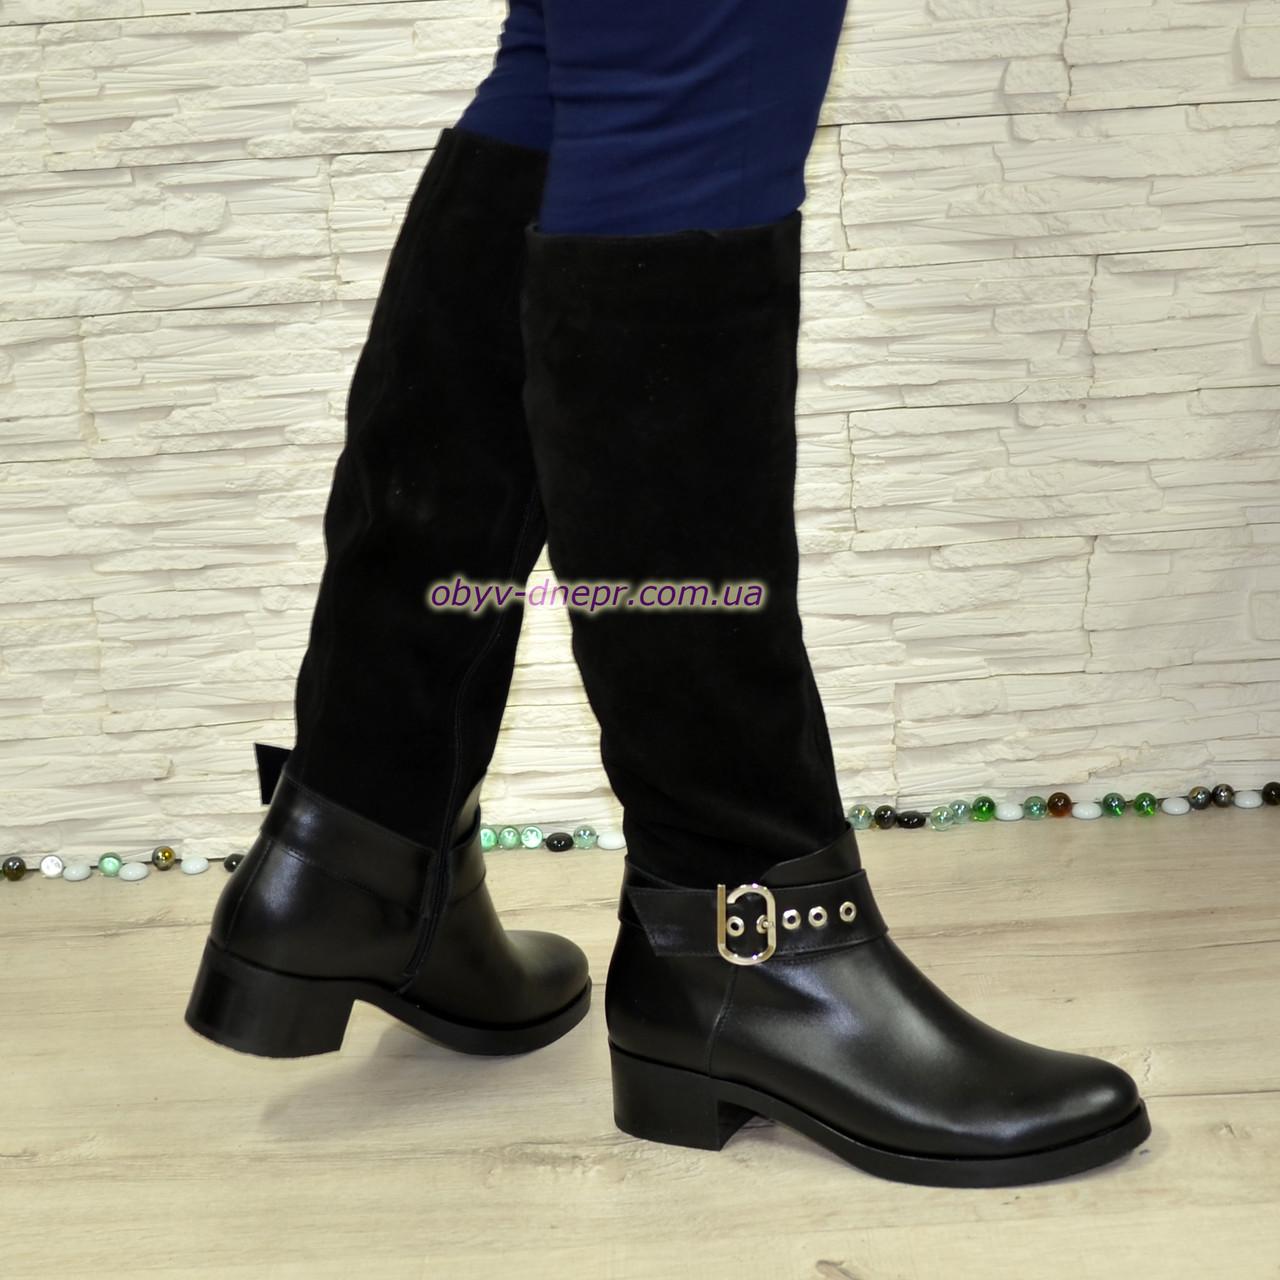 Сапоги женские зимние комбинированные на невысоком каблуке